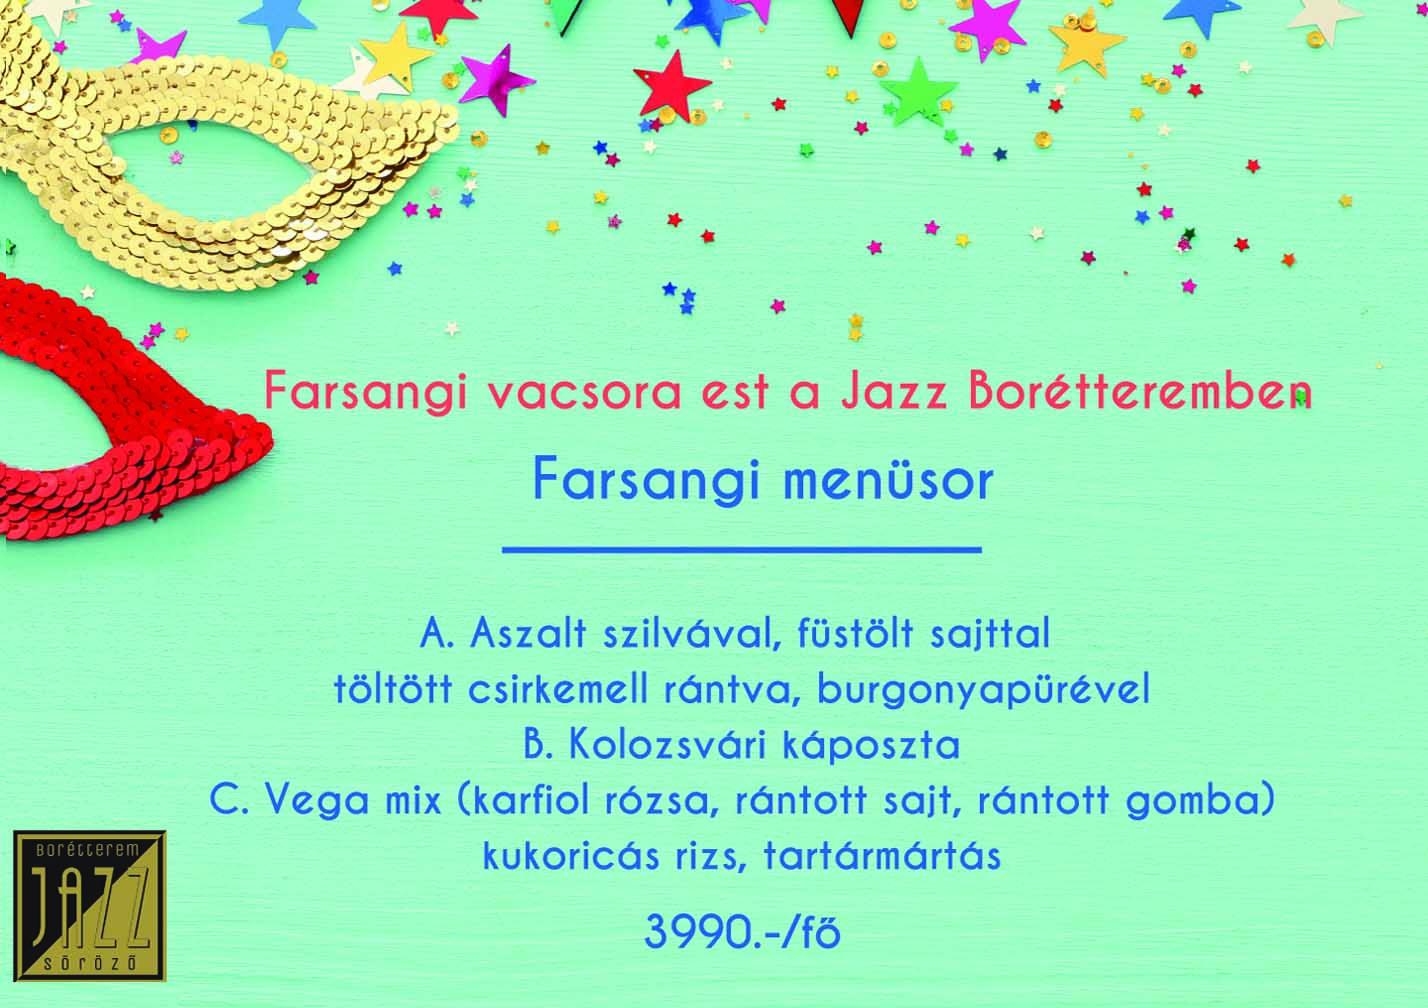 Farsangi vacsora est a Jazz Borétteremben